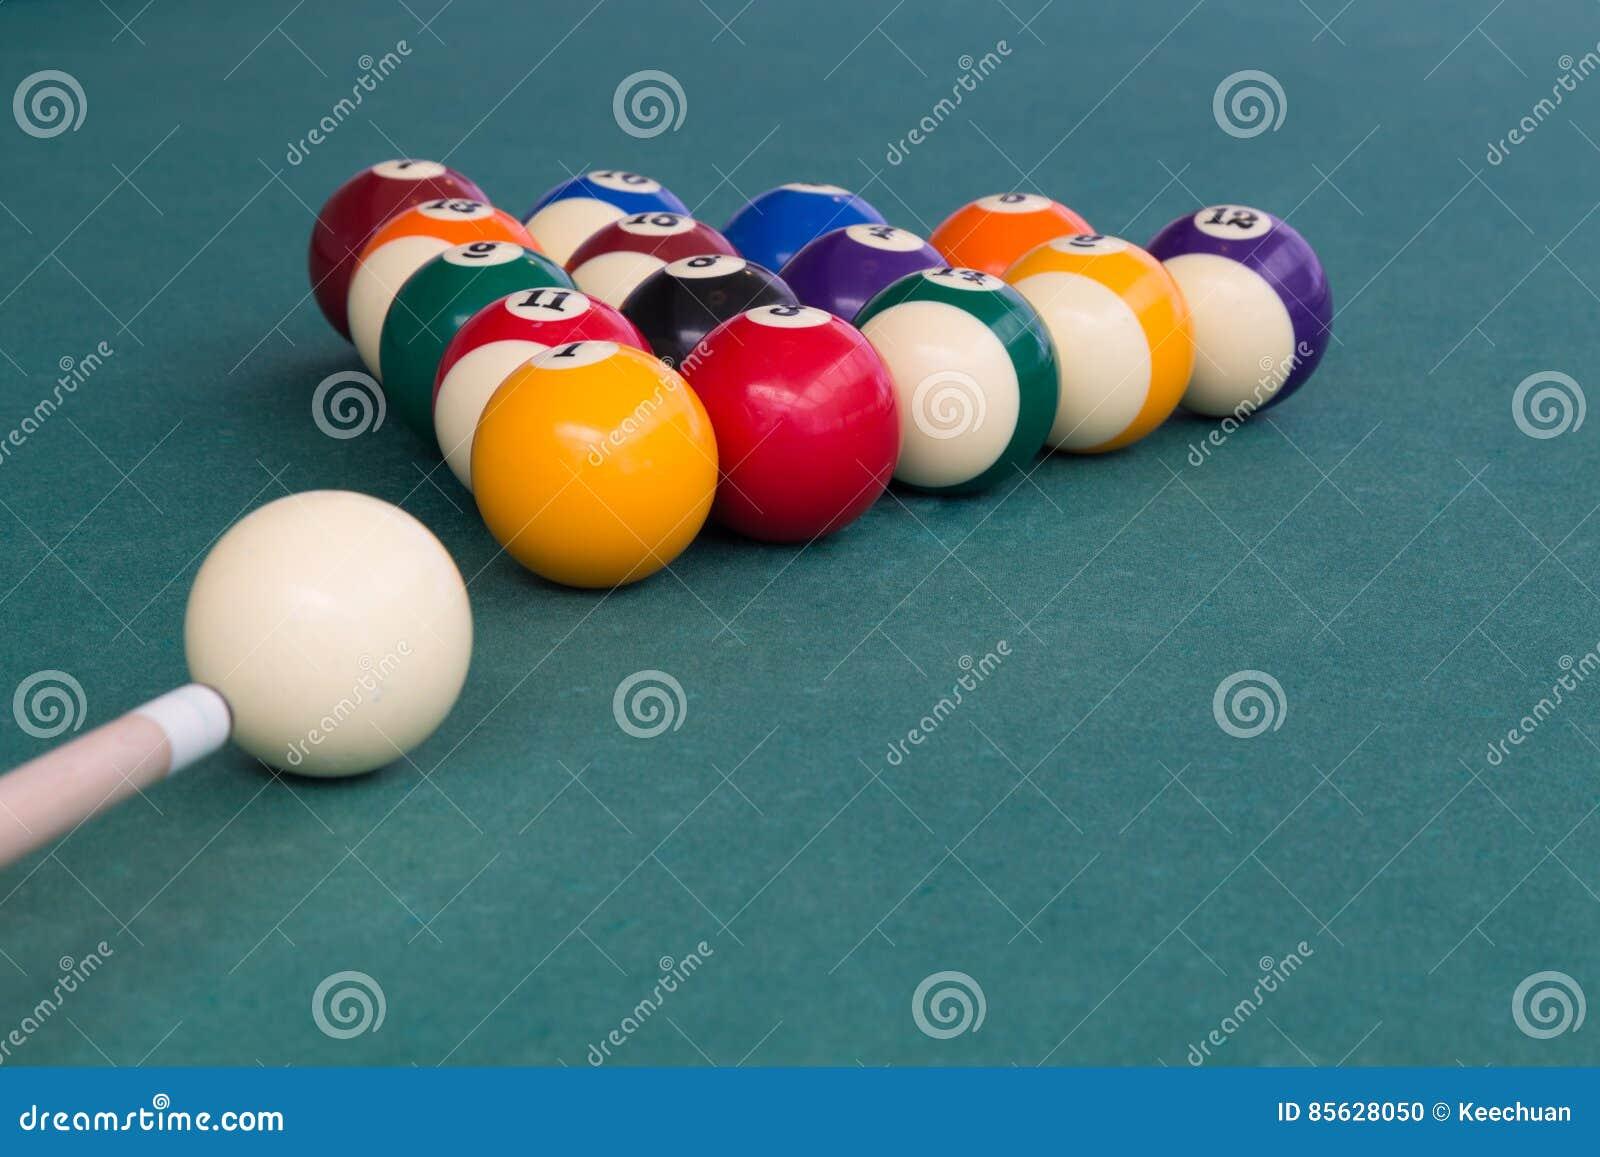 Inserisca mirare la palla bianca per rompere i billards dello snooker sulla tavola